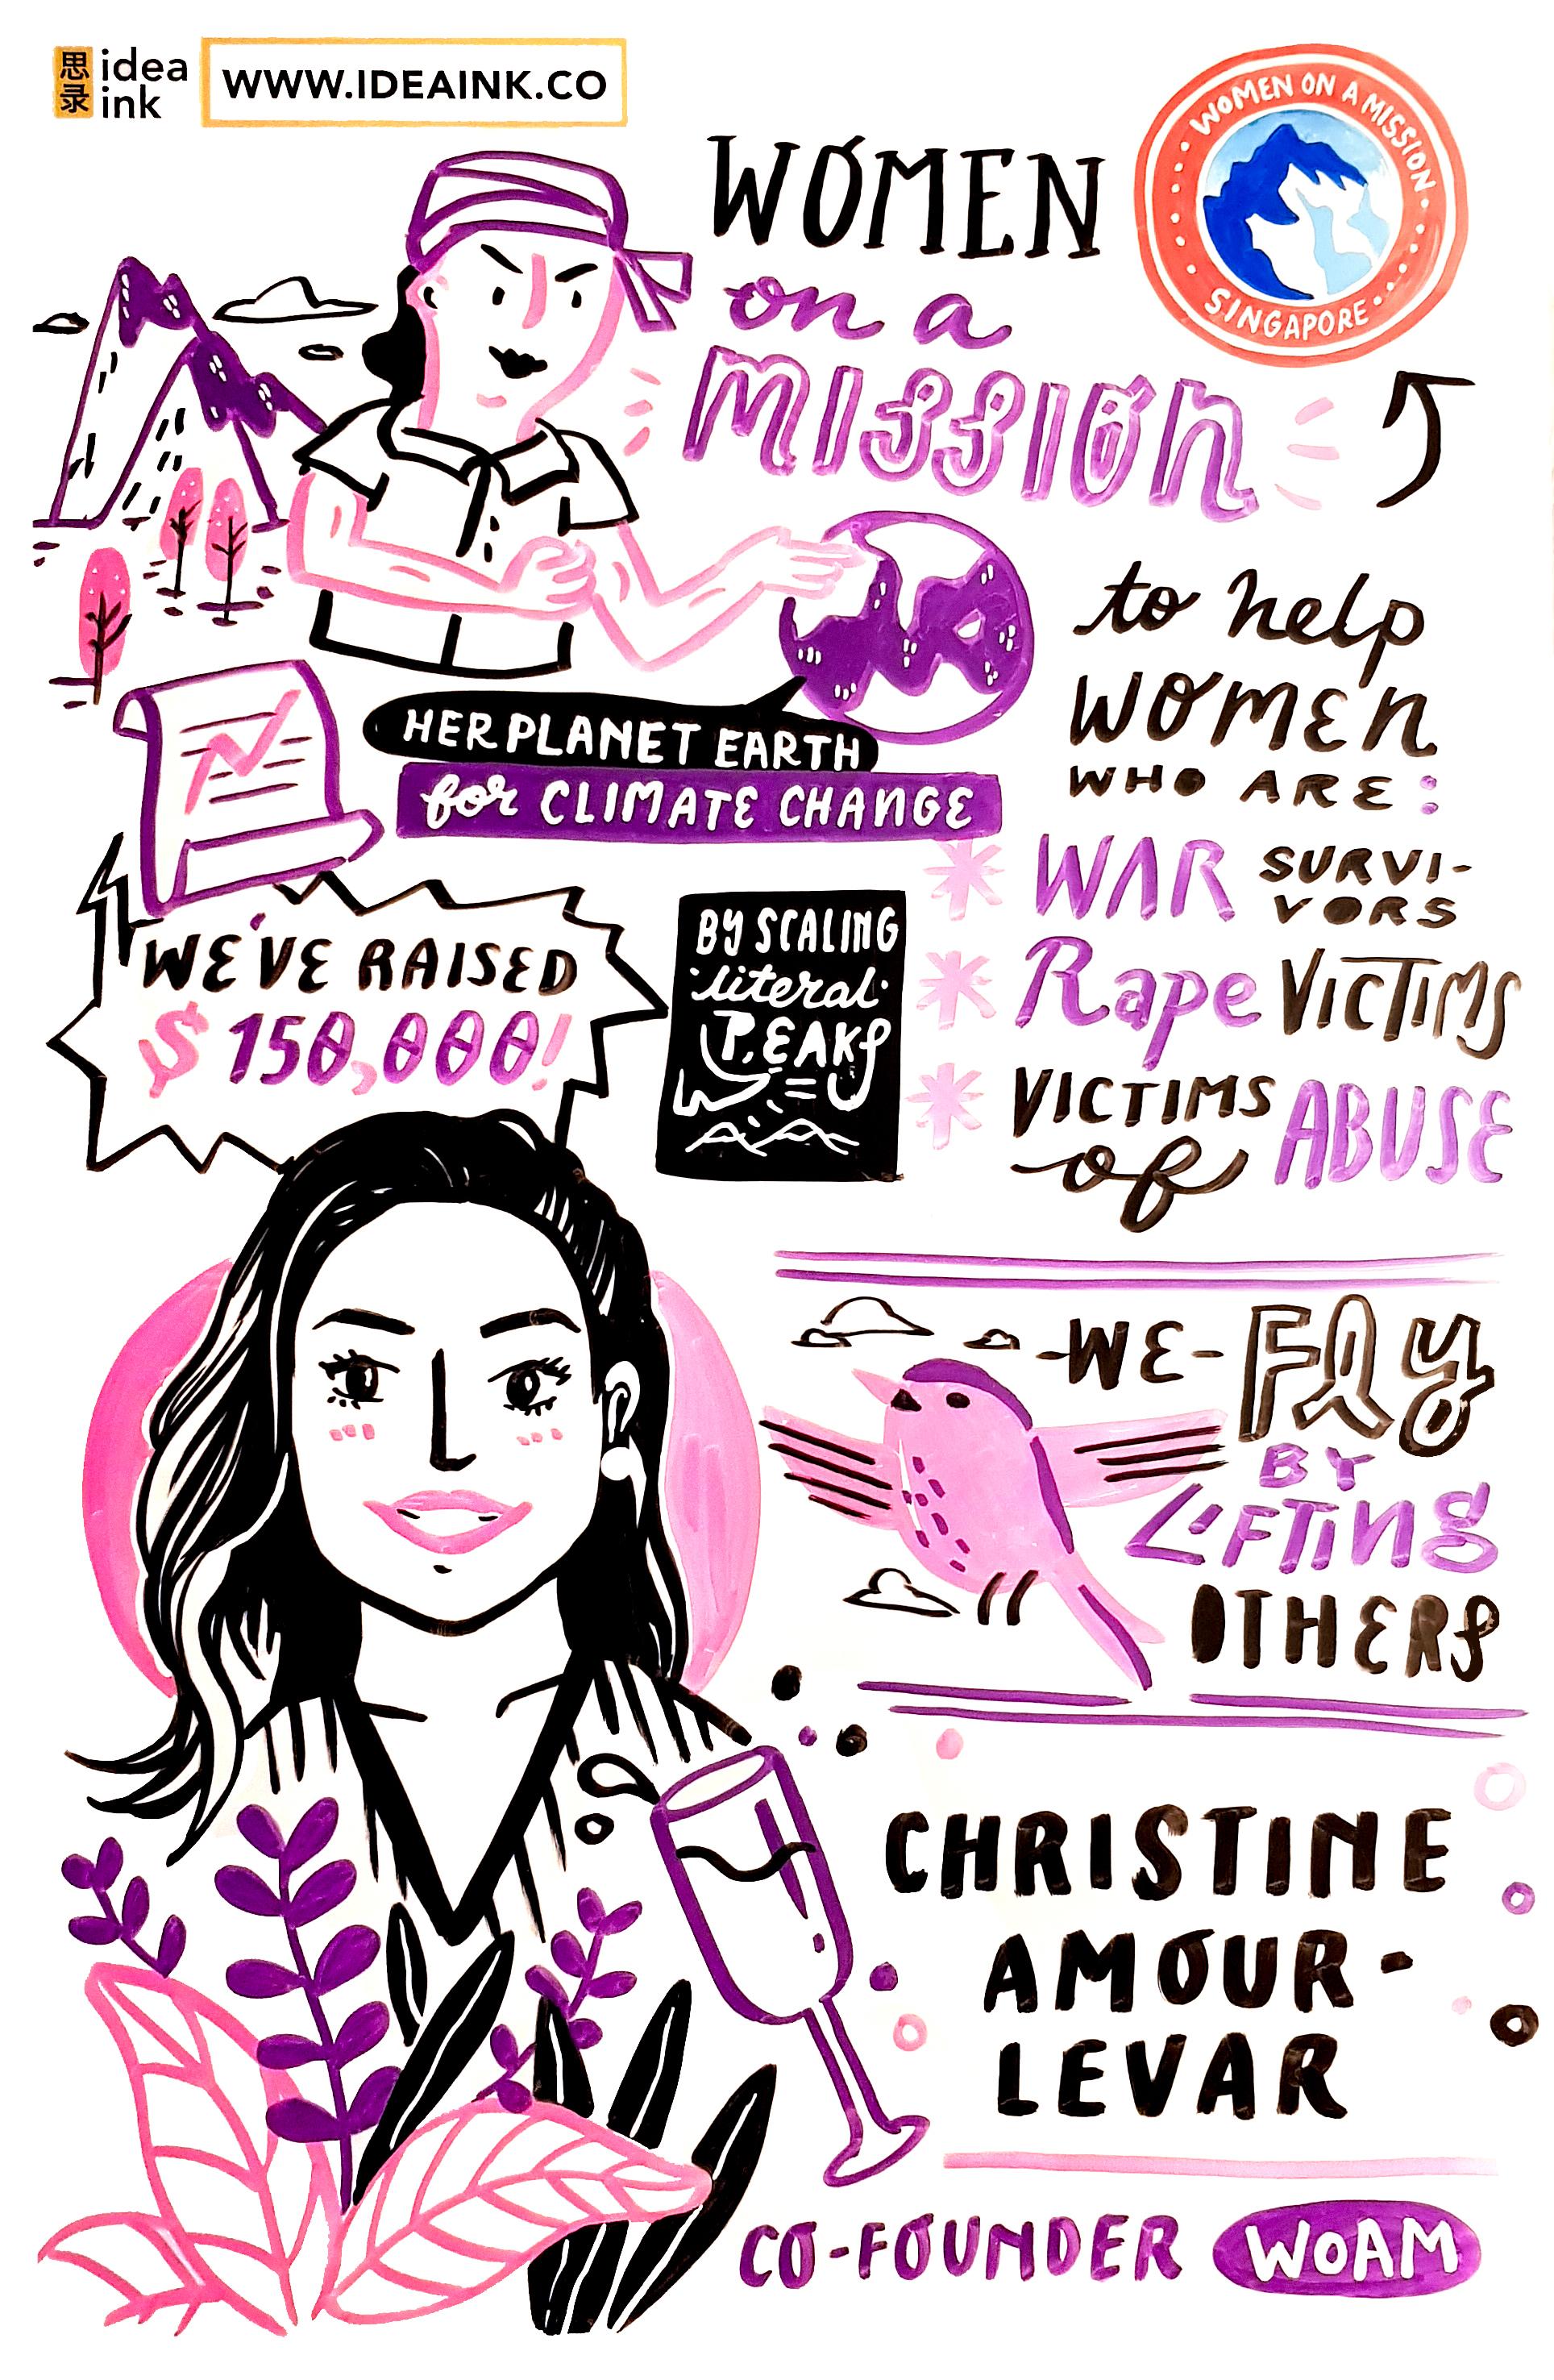 Christine Amour-Levar.jpg